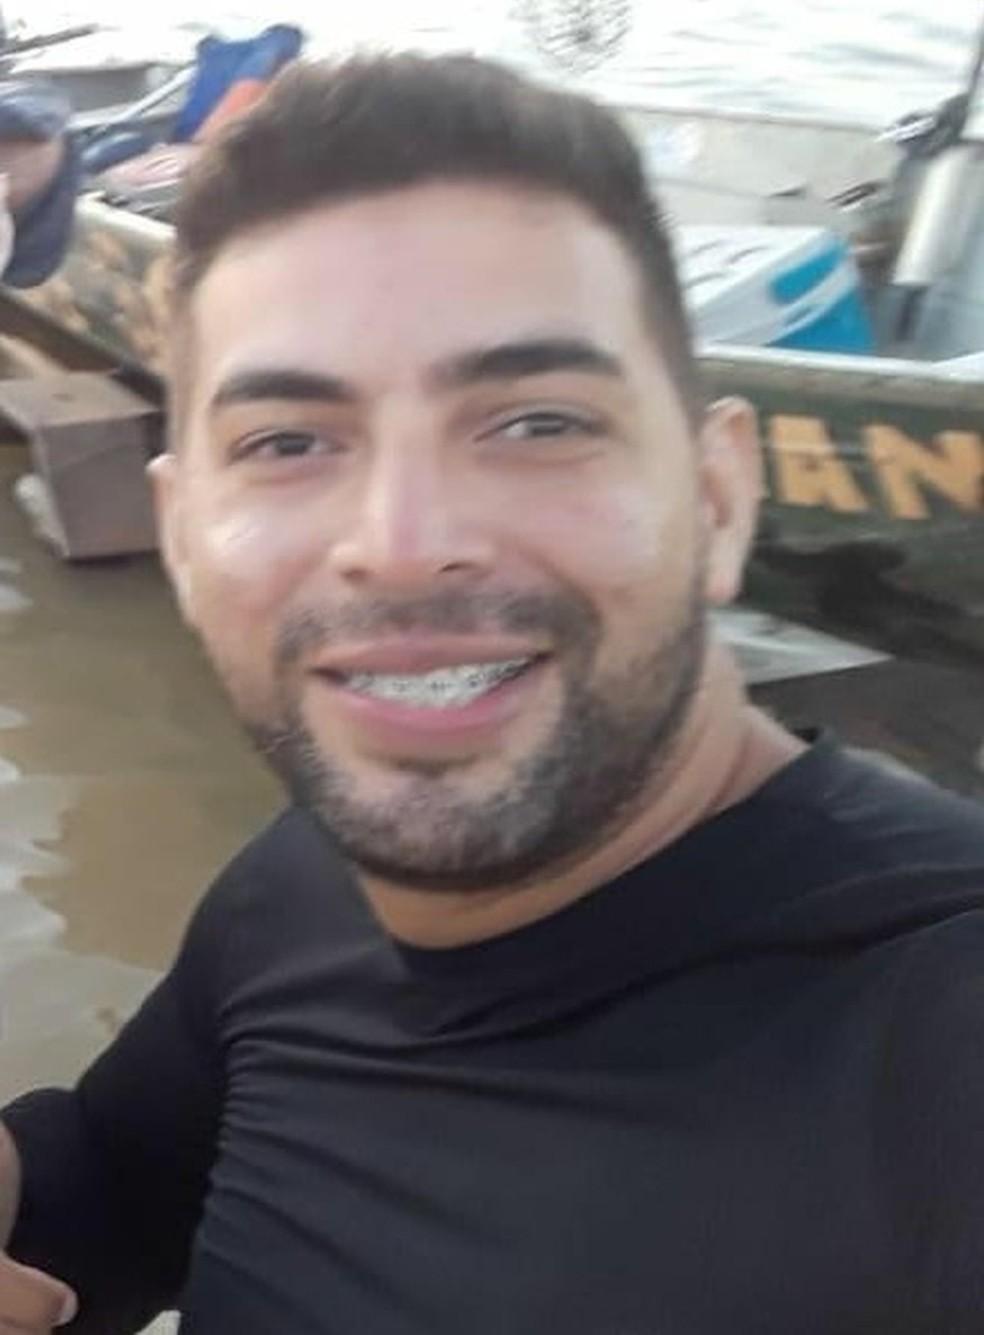 Buscas para encontrar Marcos Paulo de Lima Marques foram suspensas pela Defesa Civil.  — Foto: Divulgação/Sistema penitenciário